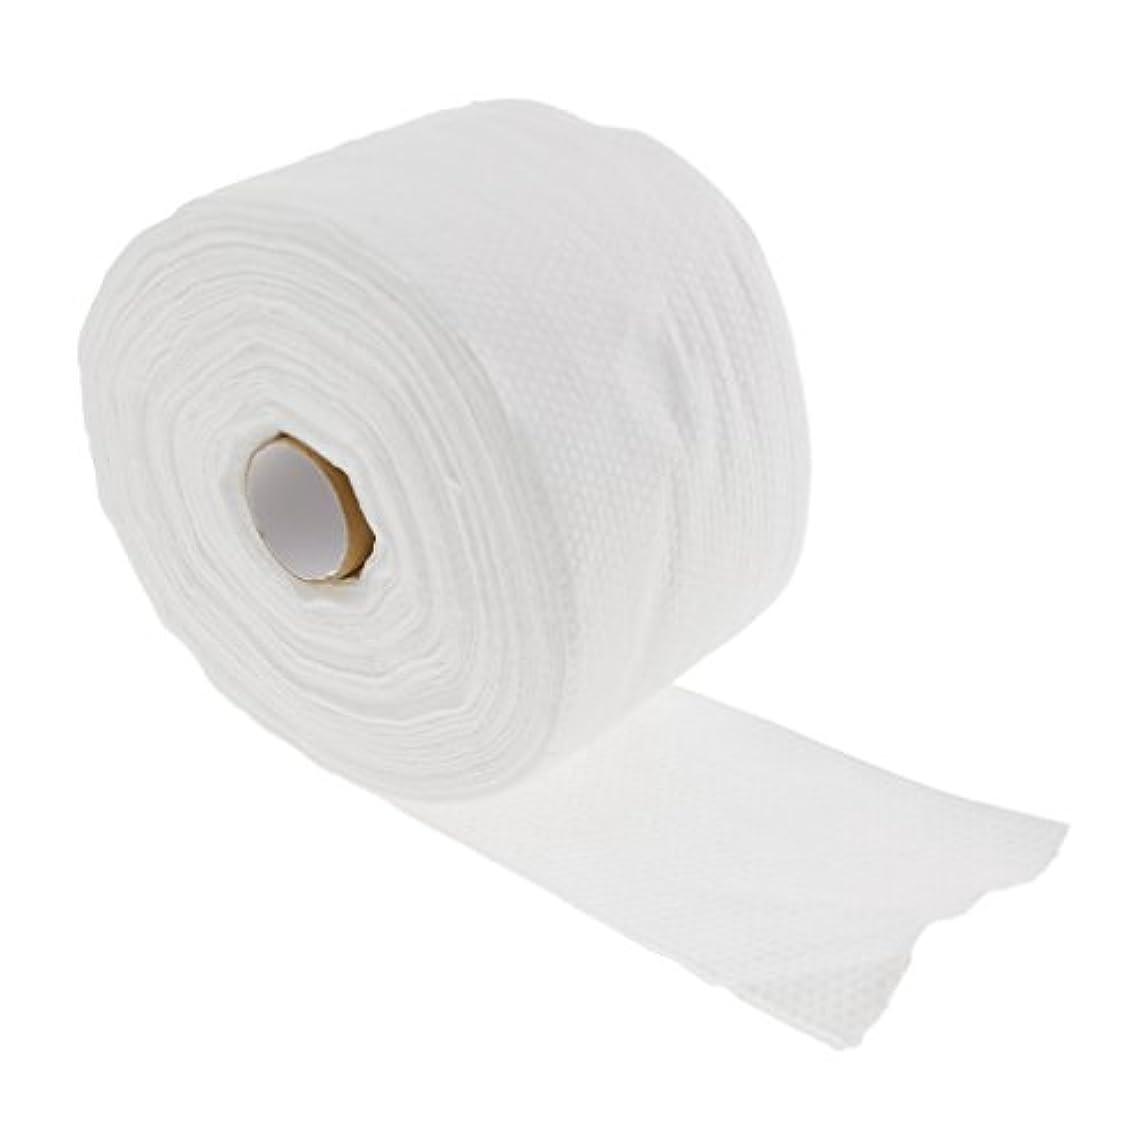 とらえどころのない協定自治Toygogo 1つのロール30メートルの使い捨て可能なタオル繊維の清潔になる顔のワイプの構造の除去剤 - #2